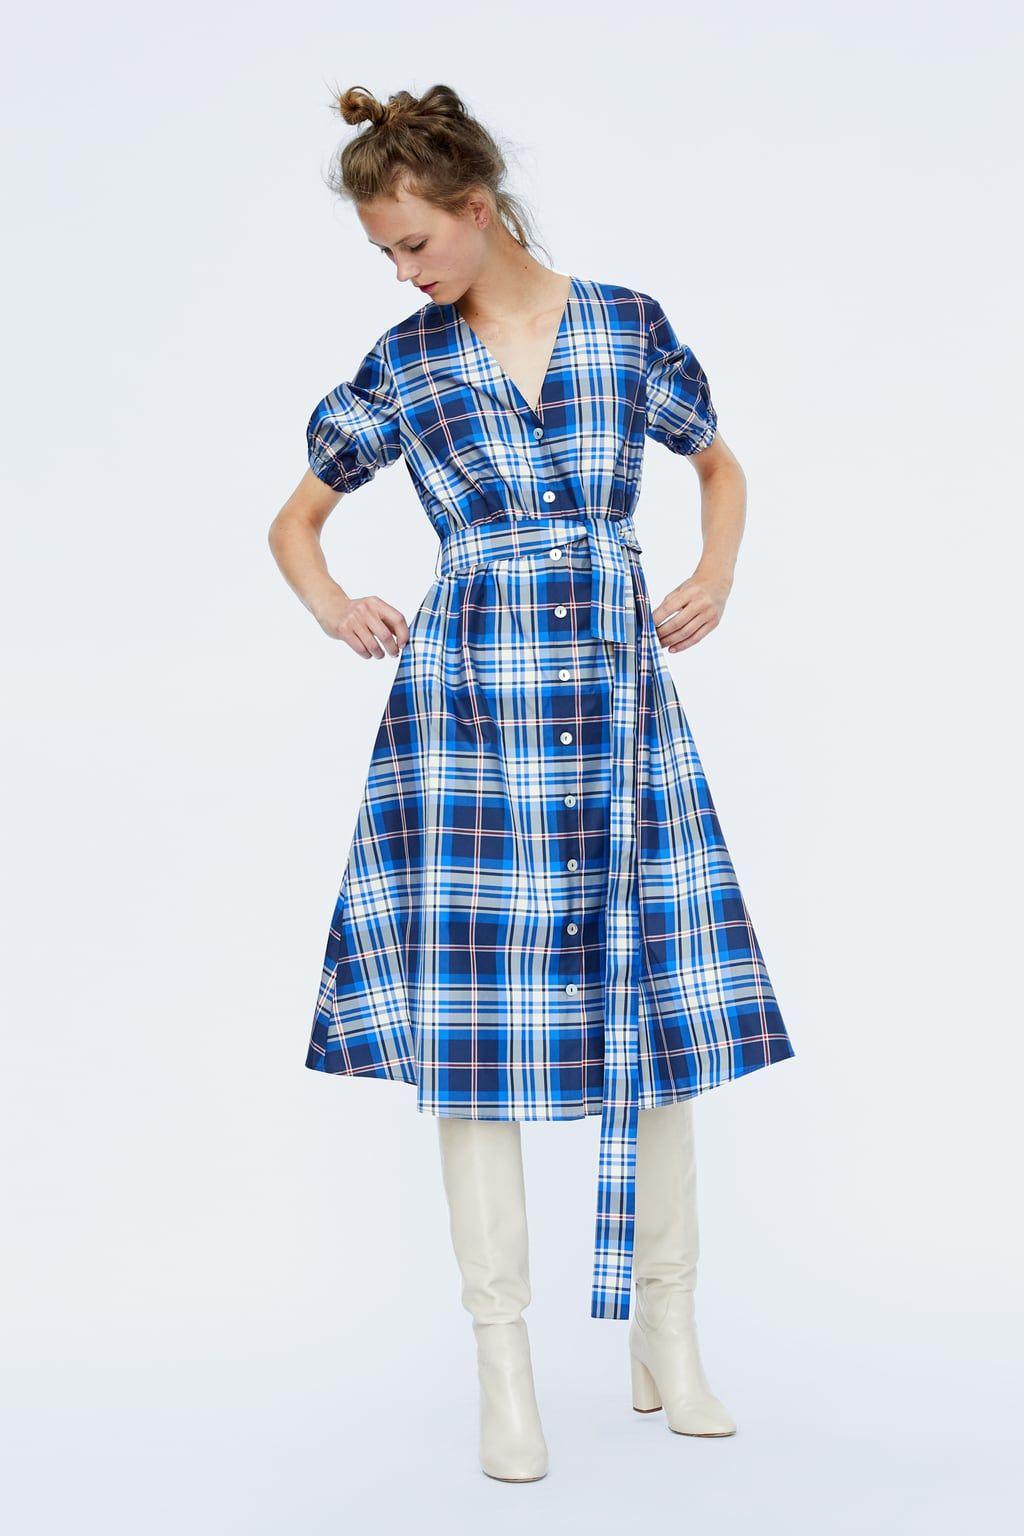 Vestidos retro moderno